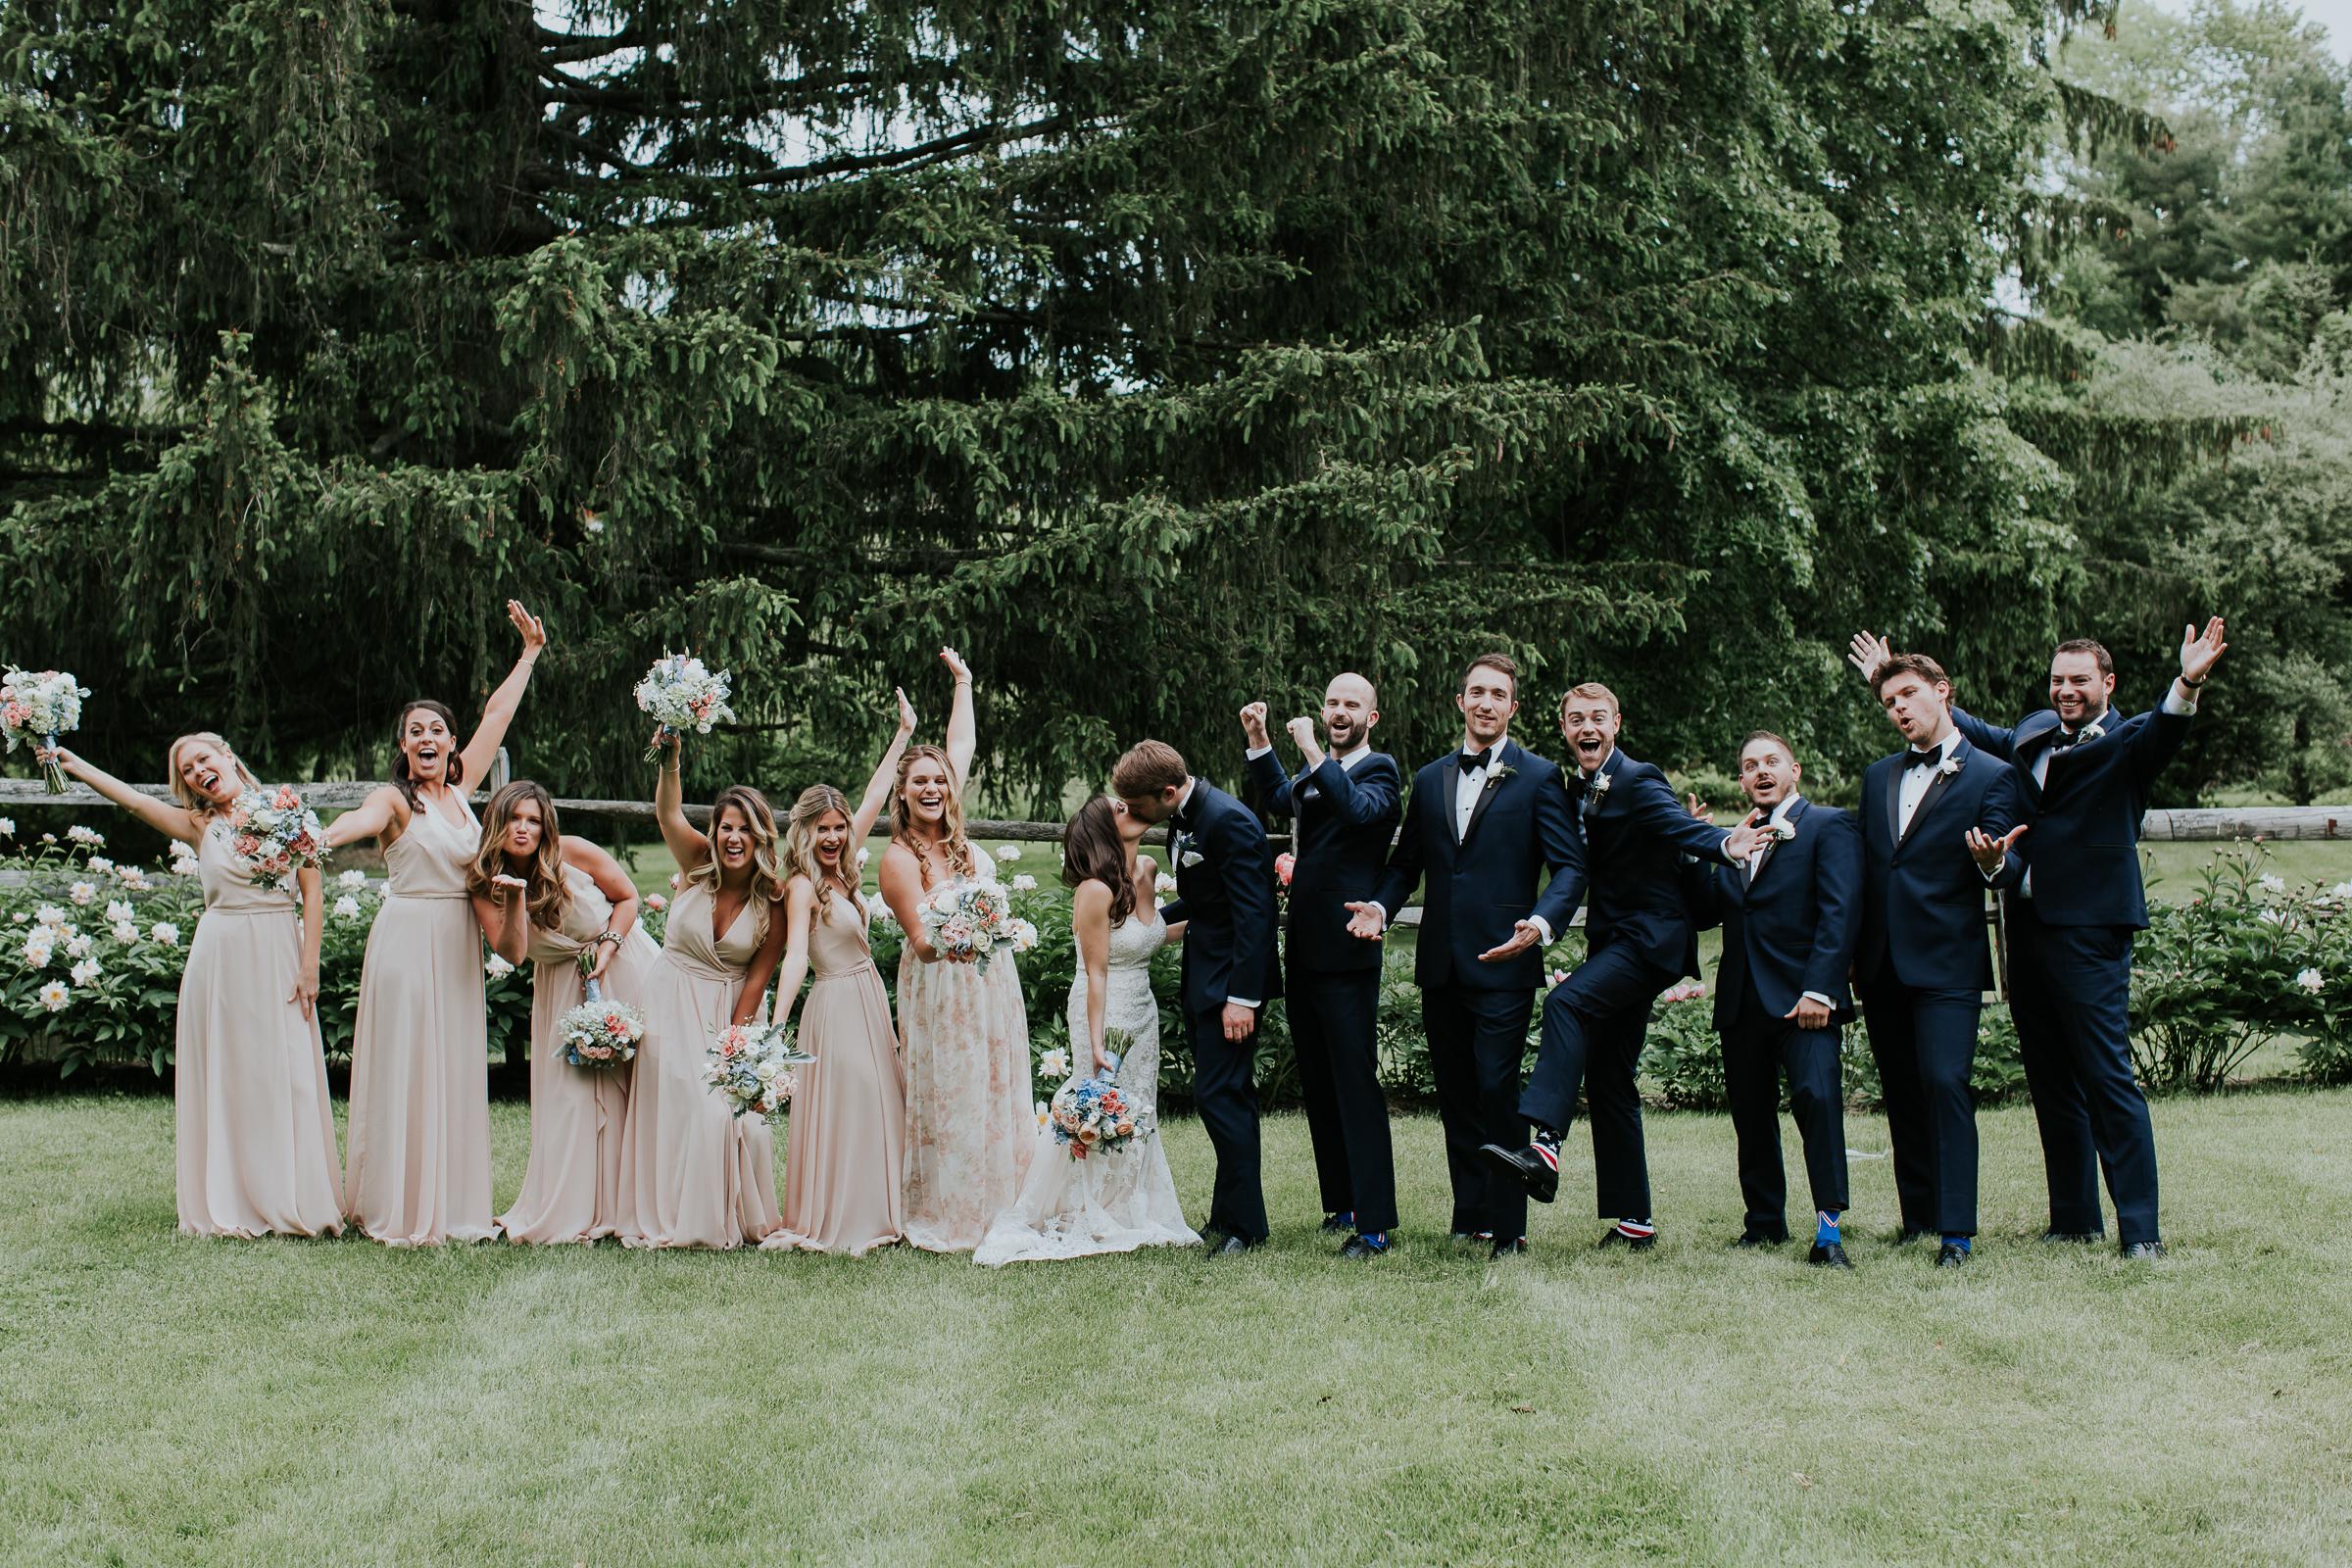 Crossed-Keys-Estate-Andover-NJ-Fine-Art-Documentary-Wedding-Photographer-67.jpg